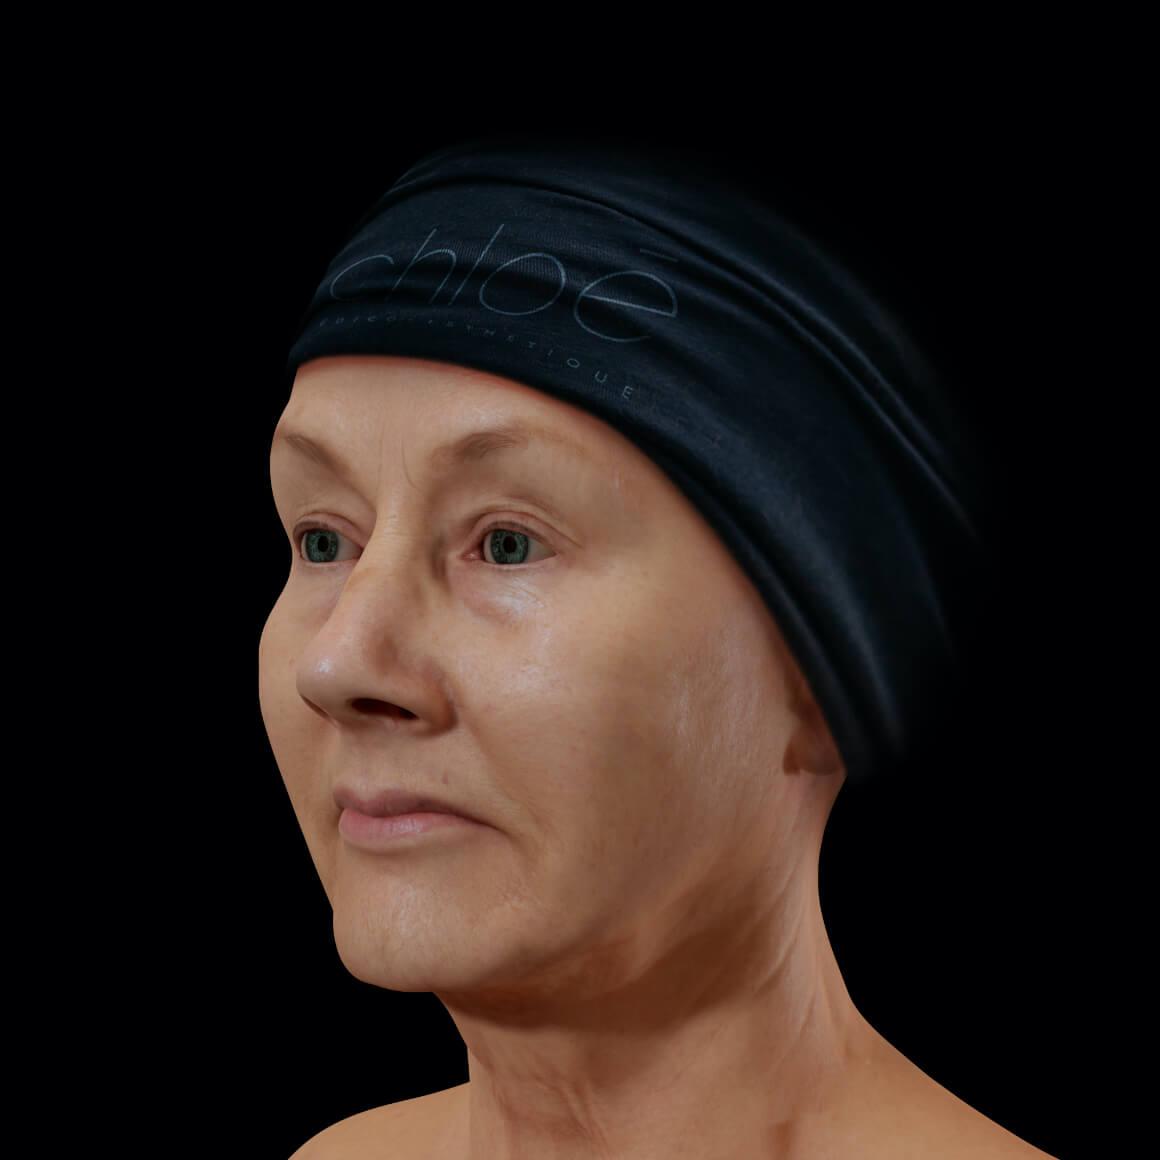 Femme patiente à la Clinique Chloé vue en angle après des traitements laser Smoothliftin pour le raffermissement du visage